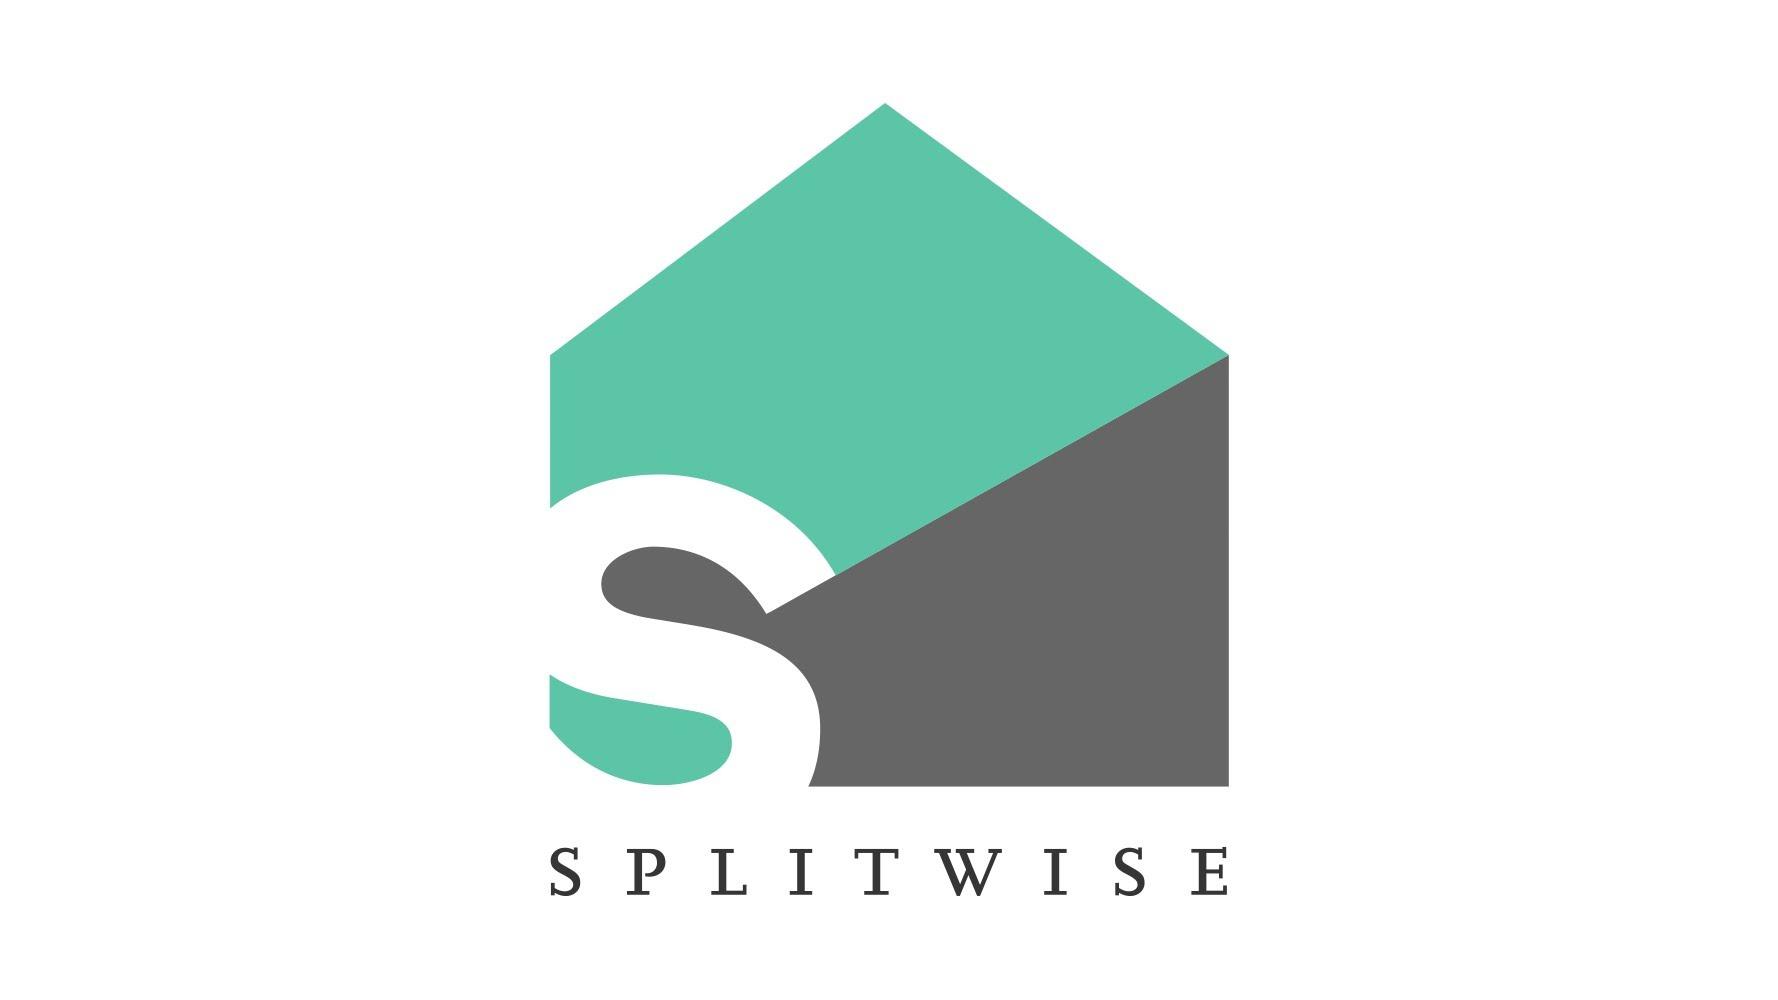 splitwise.jpg